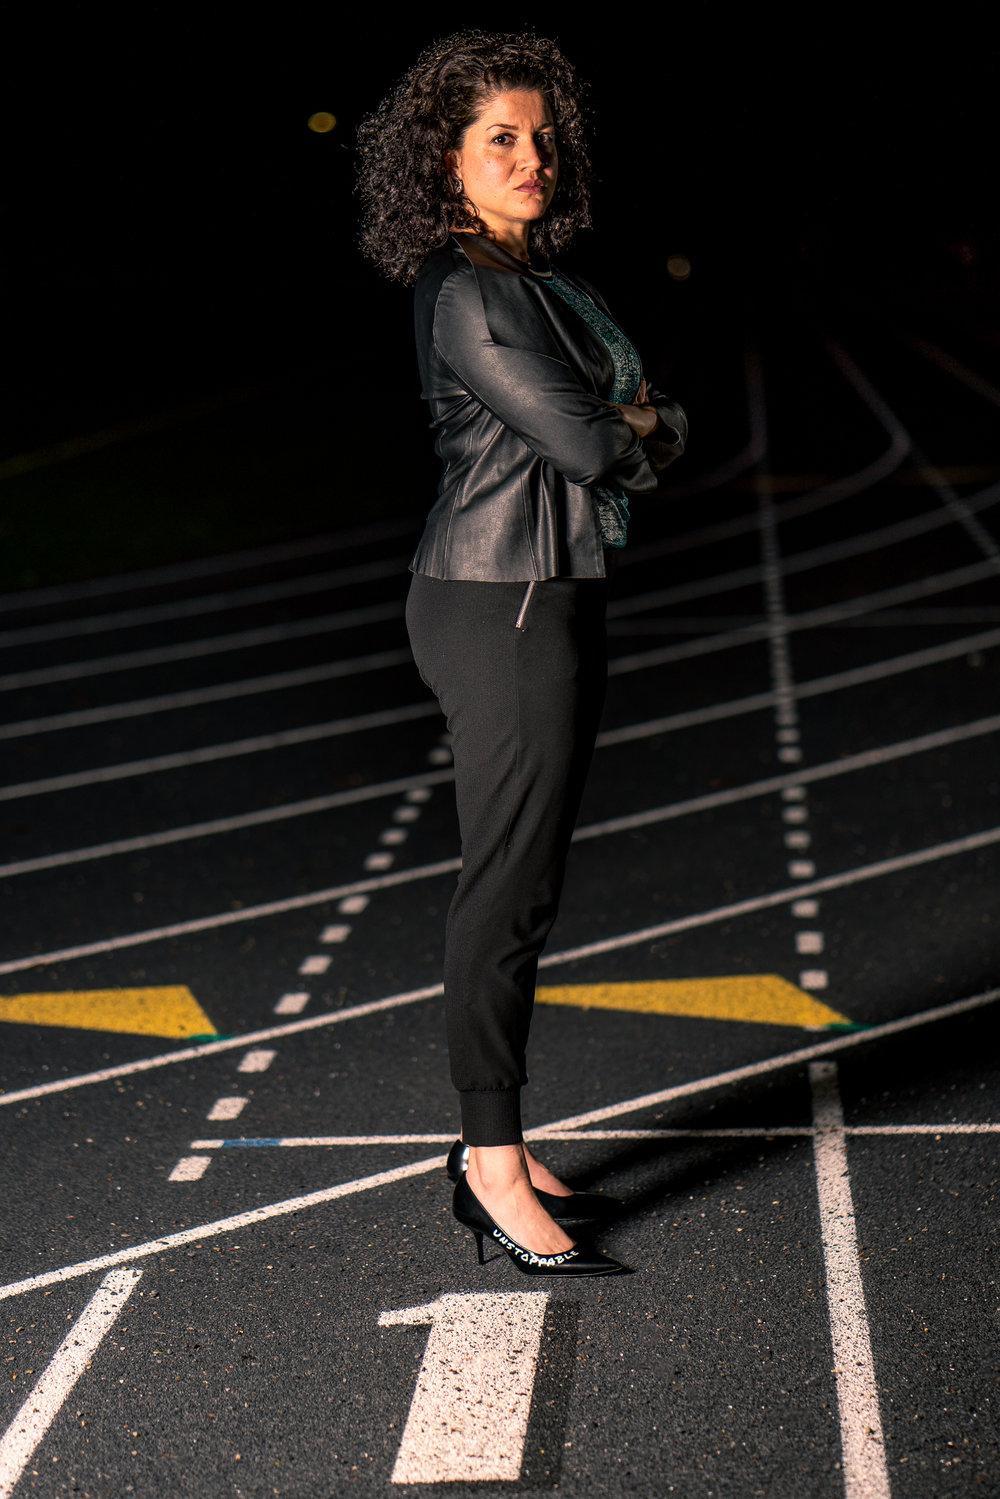 Ciara Pressler, Coach, Entrepreneur, Connector, Boss, Unstoppable